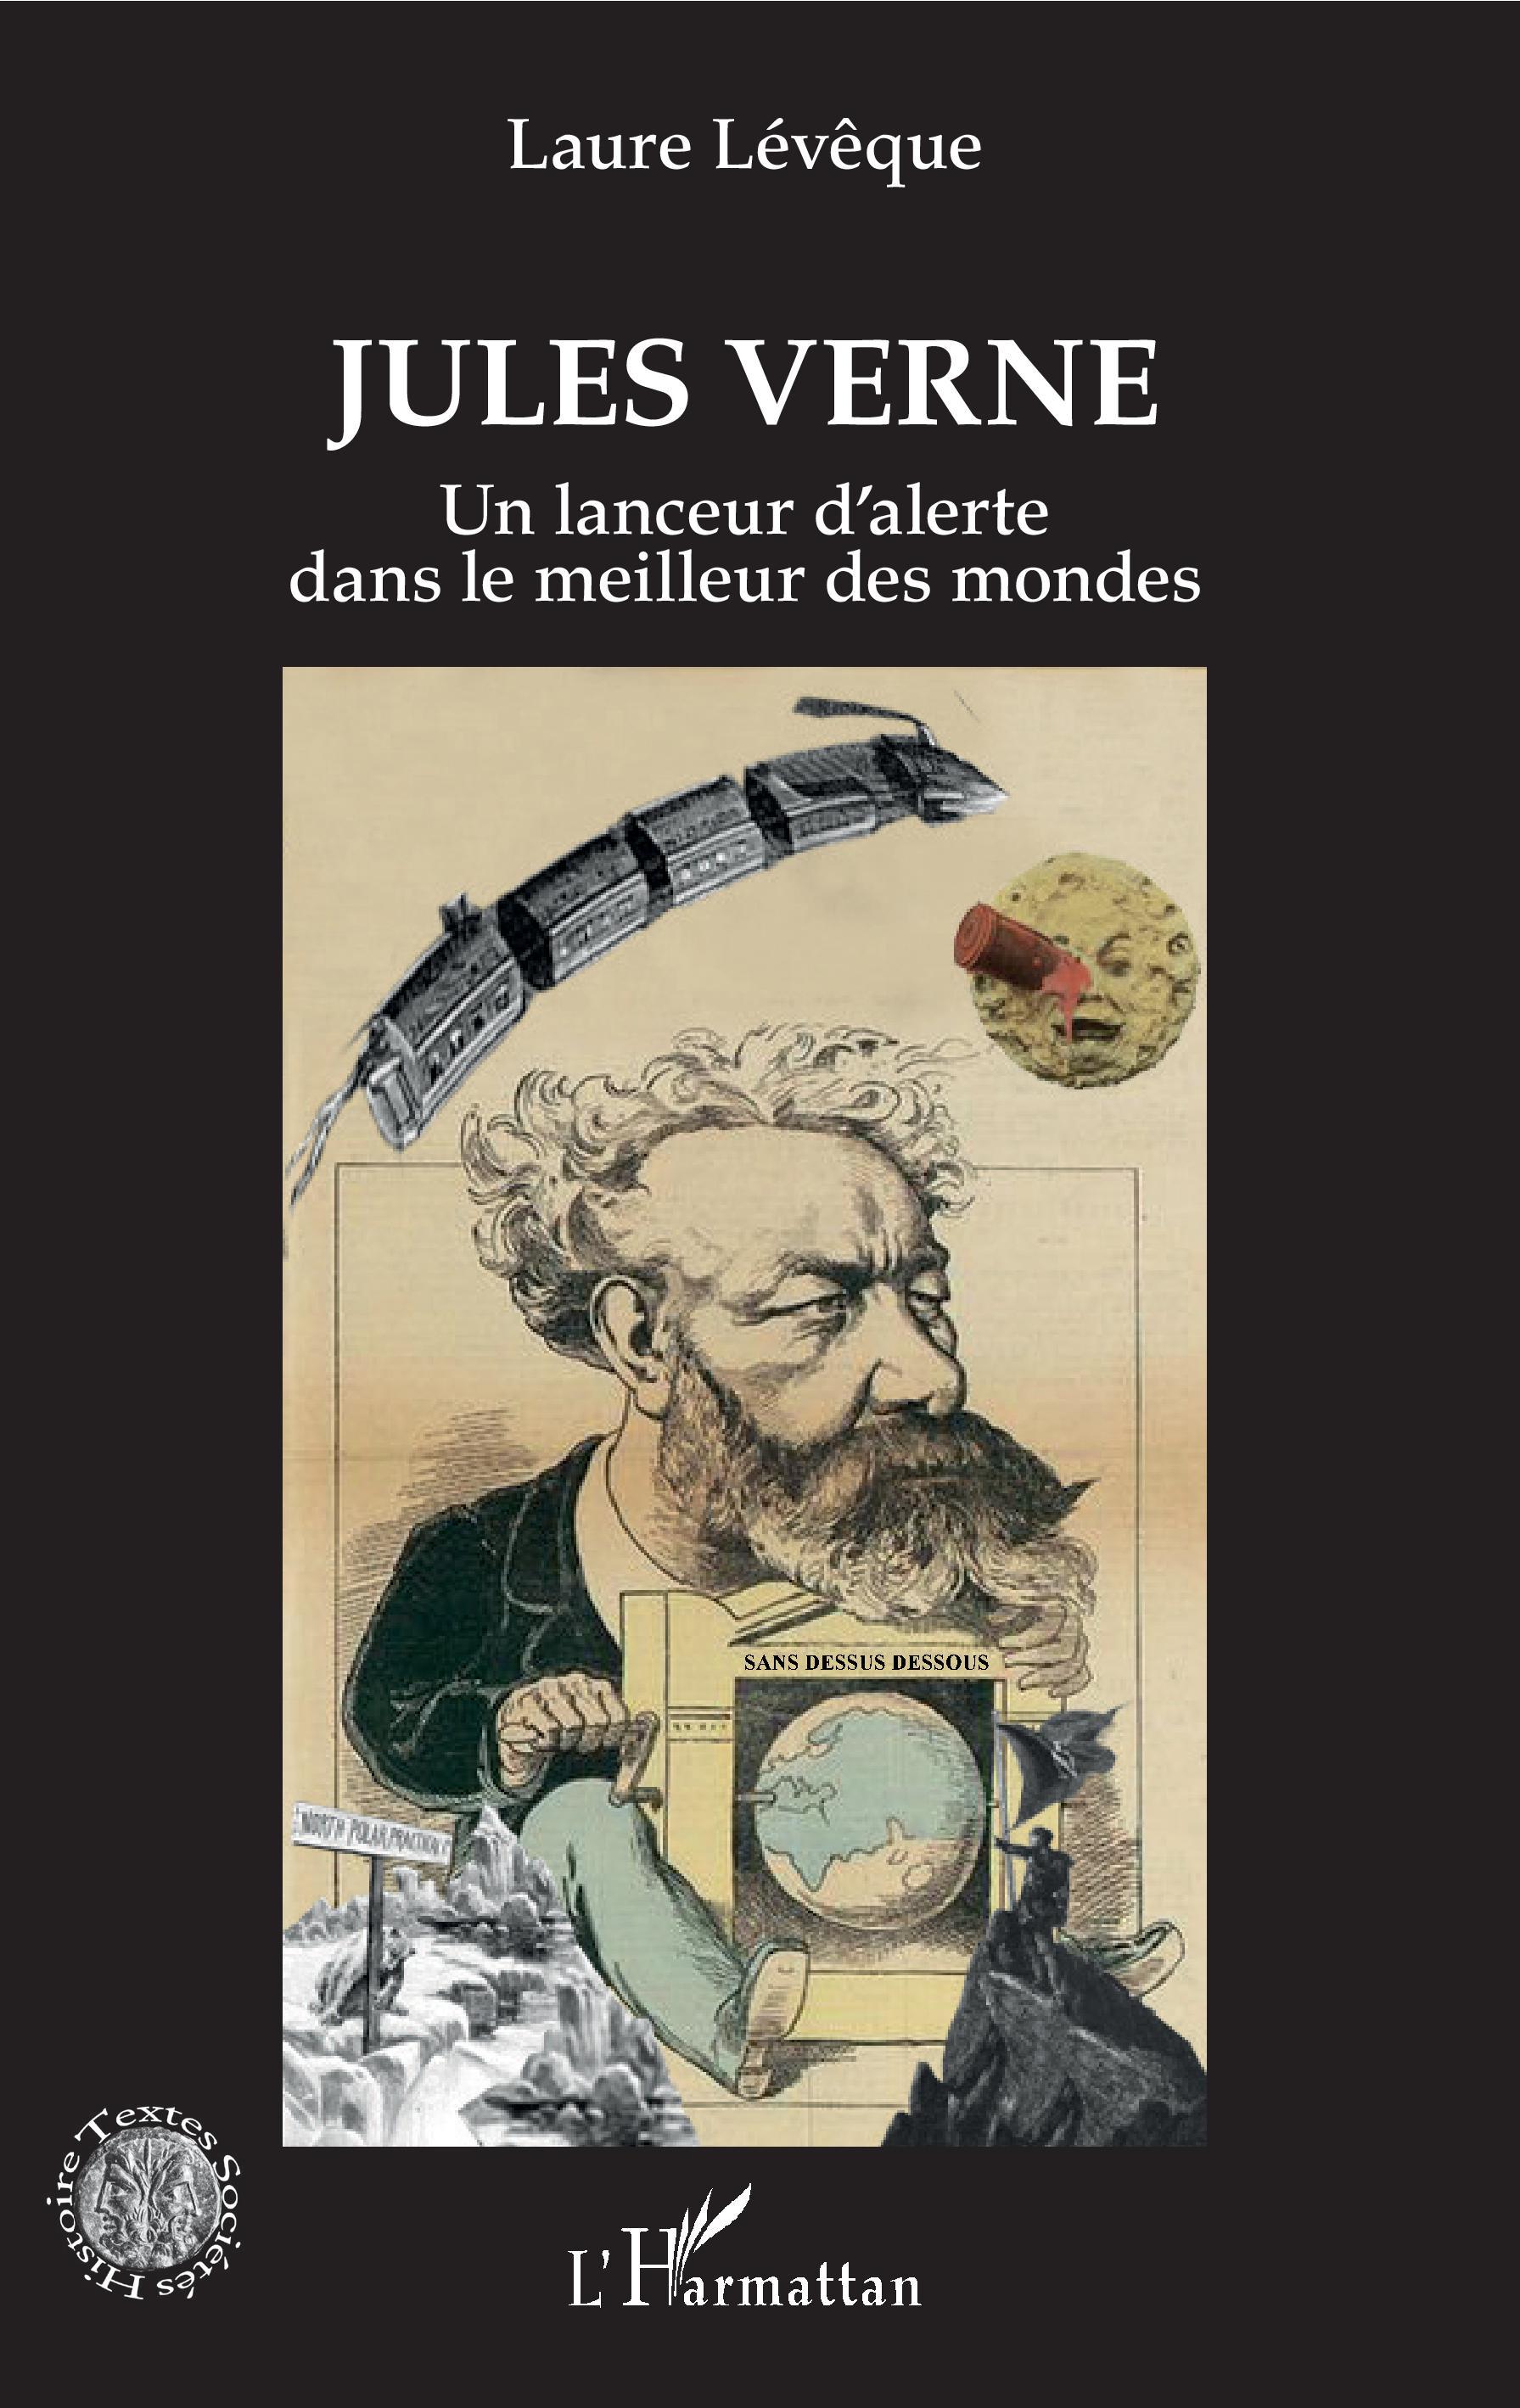 L. Lévêque, Jules Verne. Un lanceur d'alerte dans le meilleur des mondes